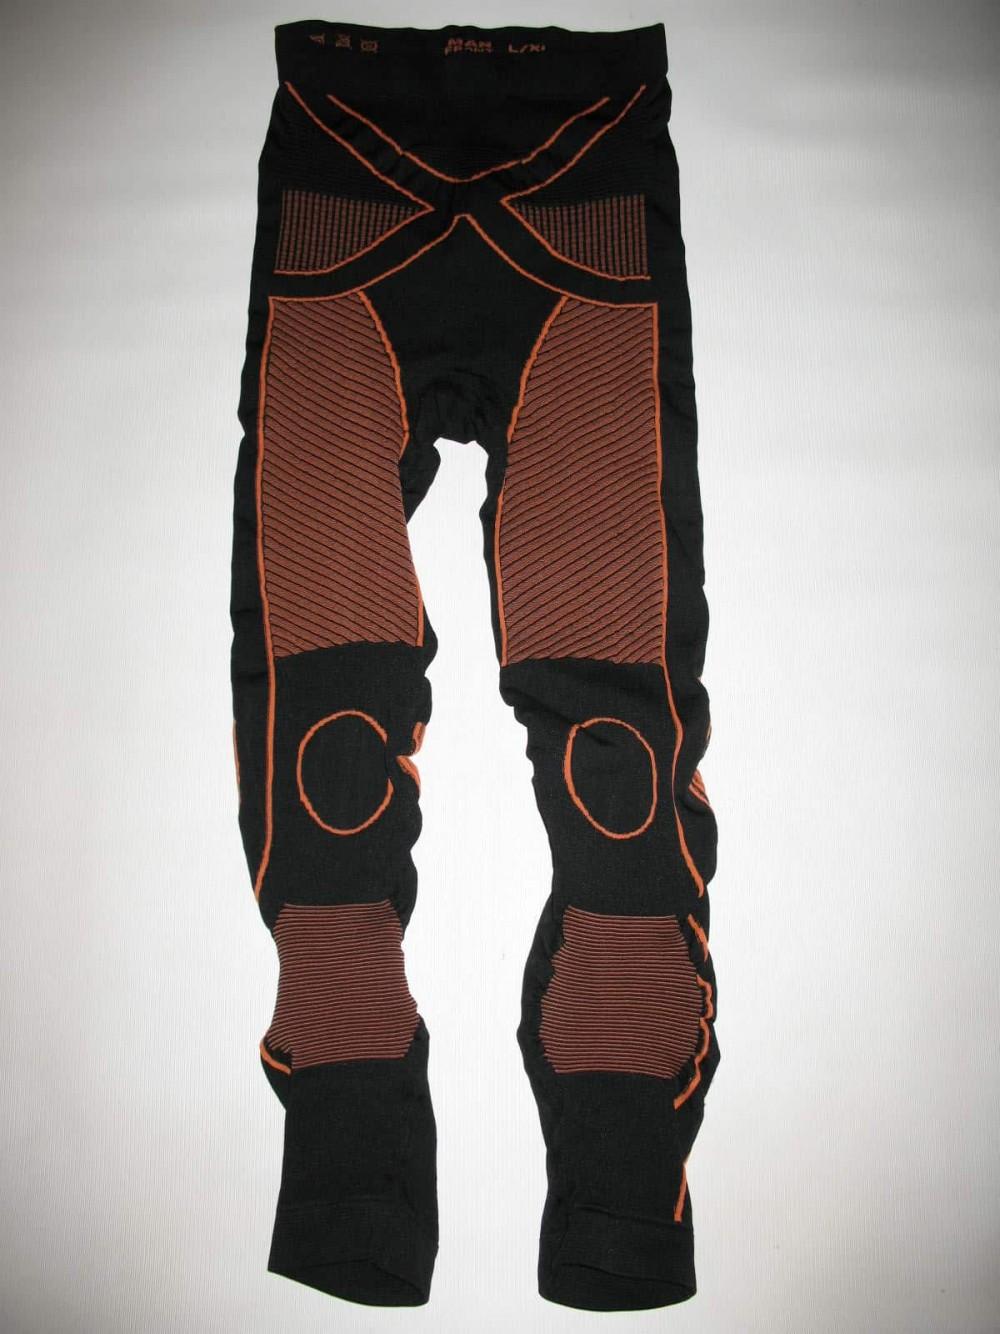 Термобелье X-BIONIC jersey/pants (размер L/XL) - 4